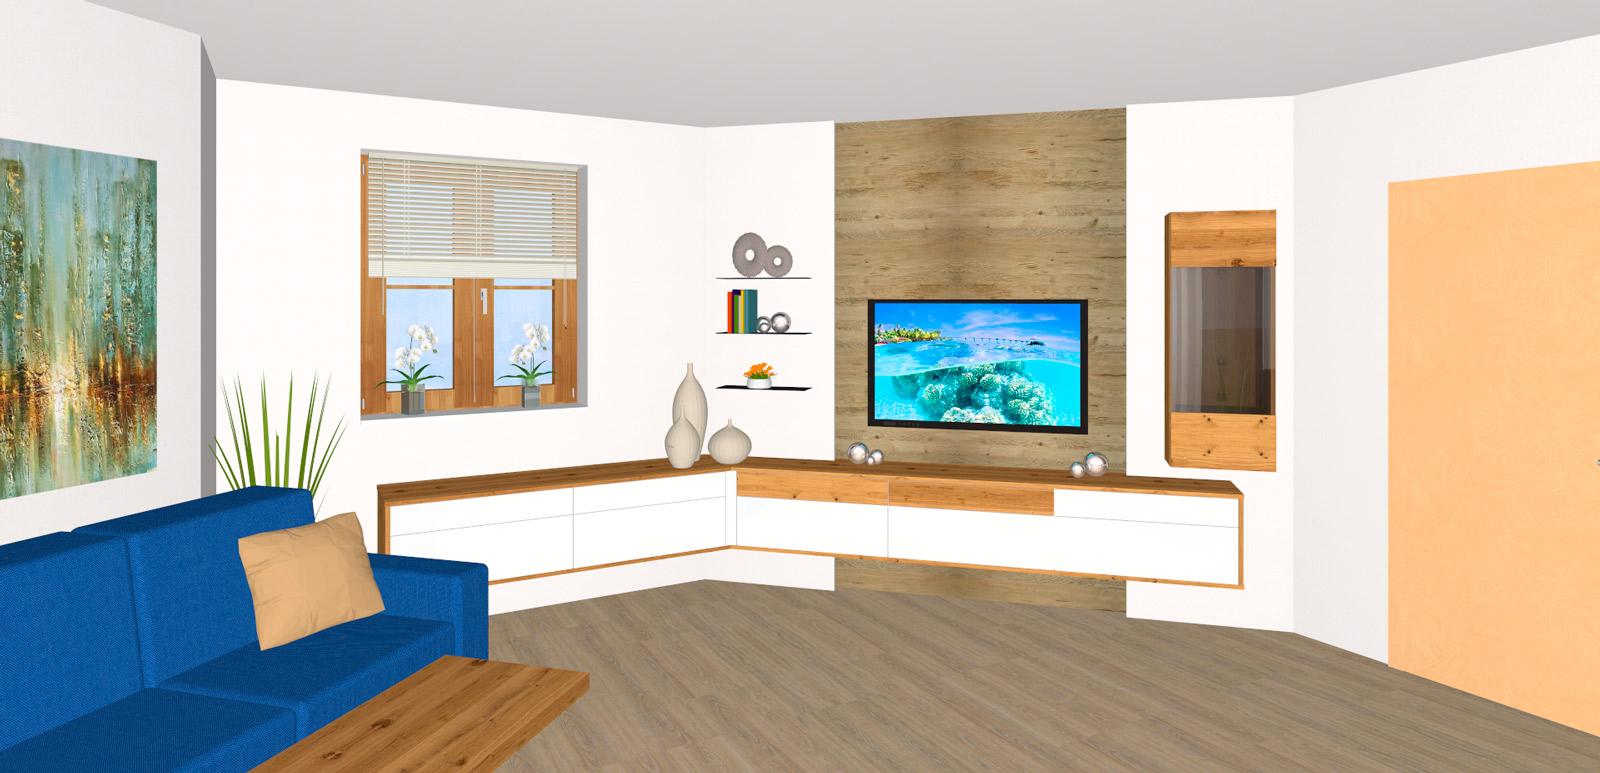 Wohnzimmer in Perg | Tischlerei Kastner